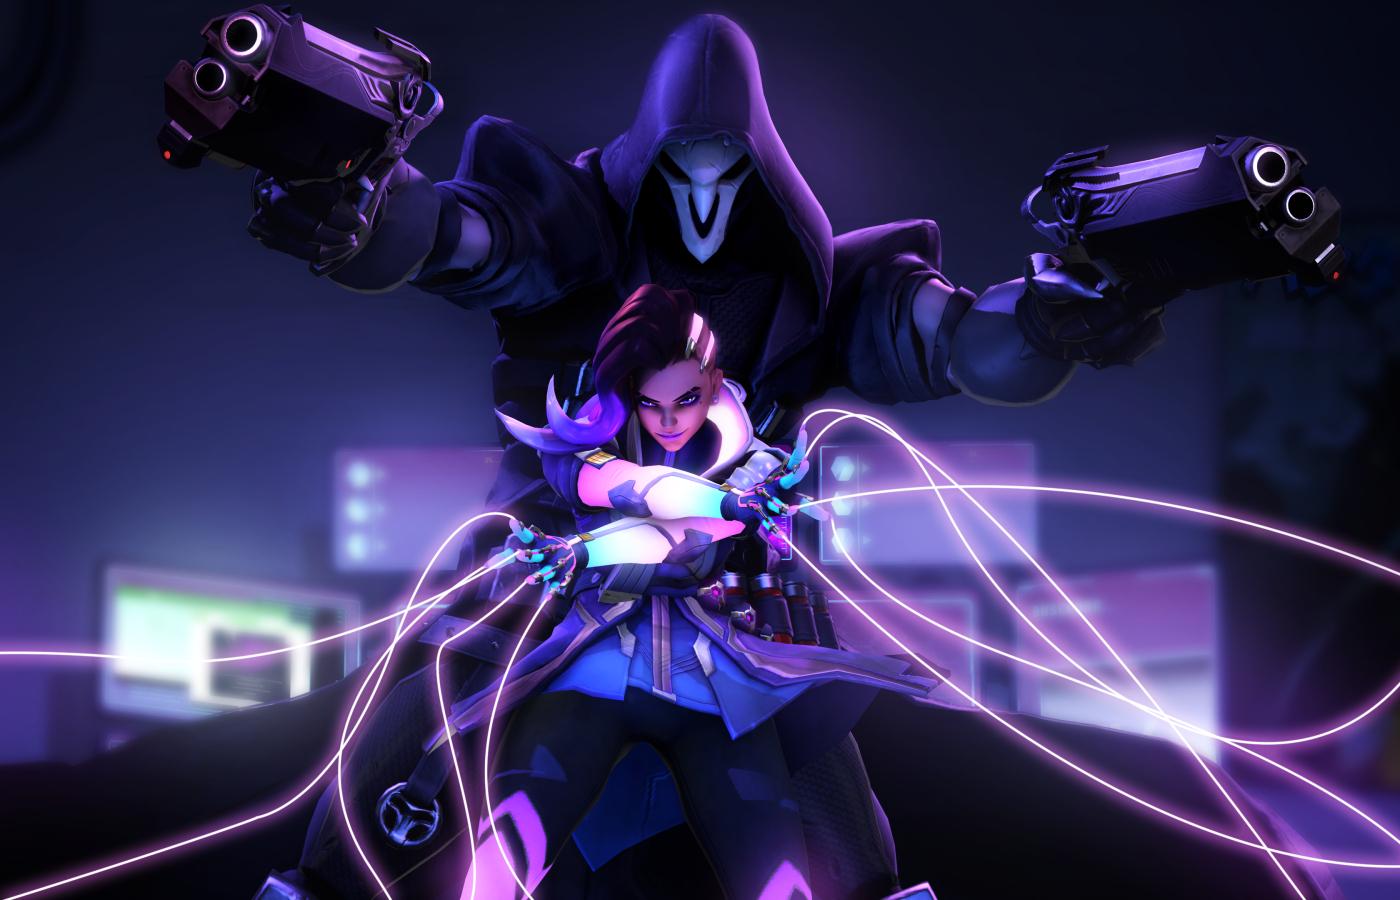 1400x900 Sombra Reaper Overwatch 4k 1400x900 Resolution ...